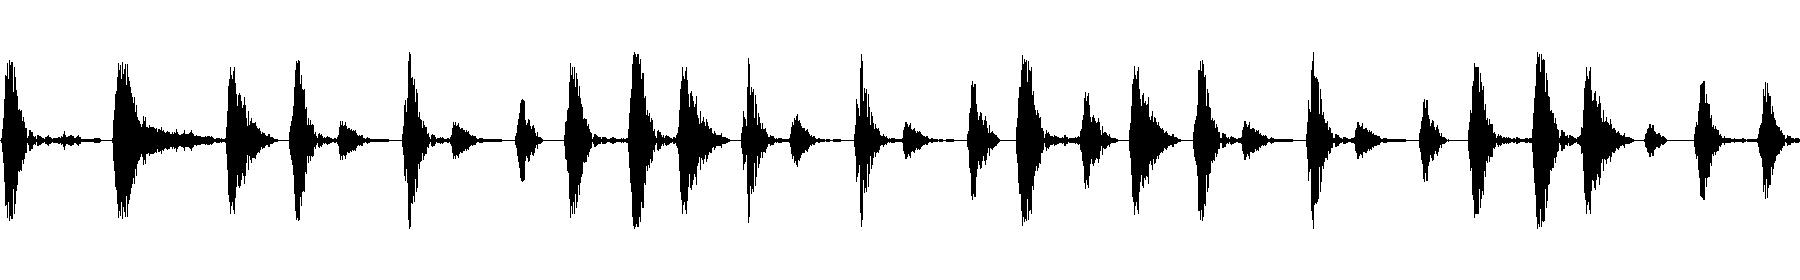 lo fi echo drums